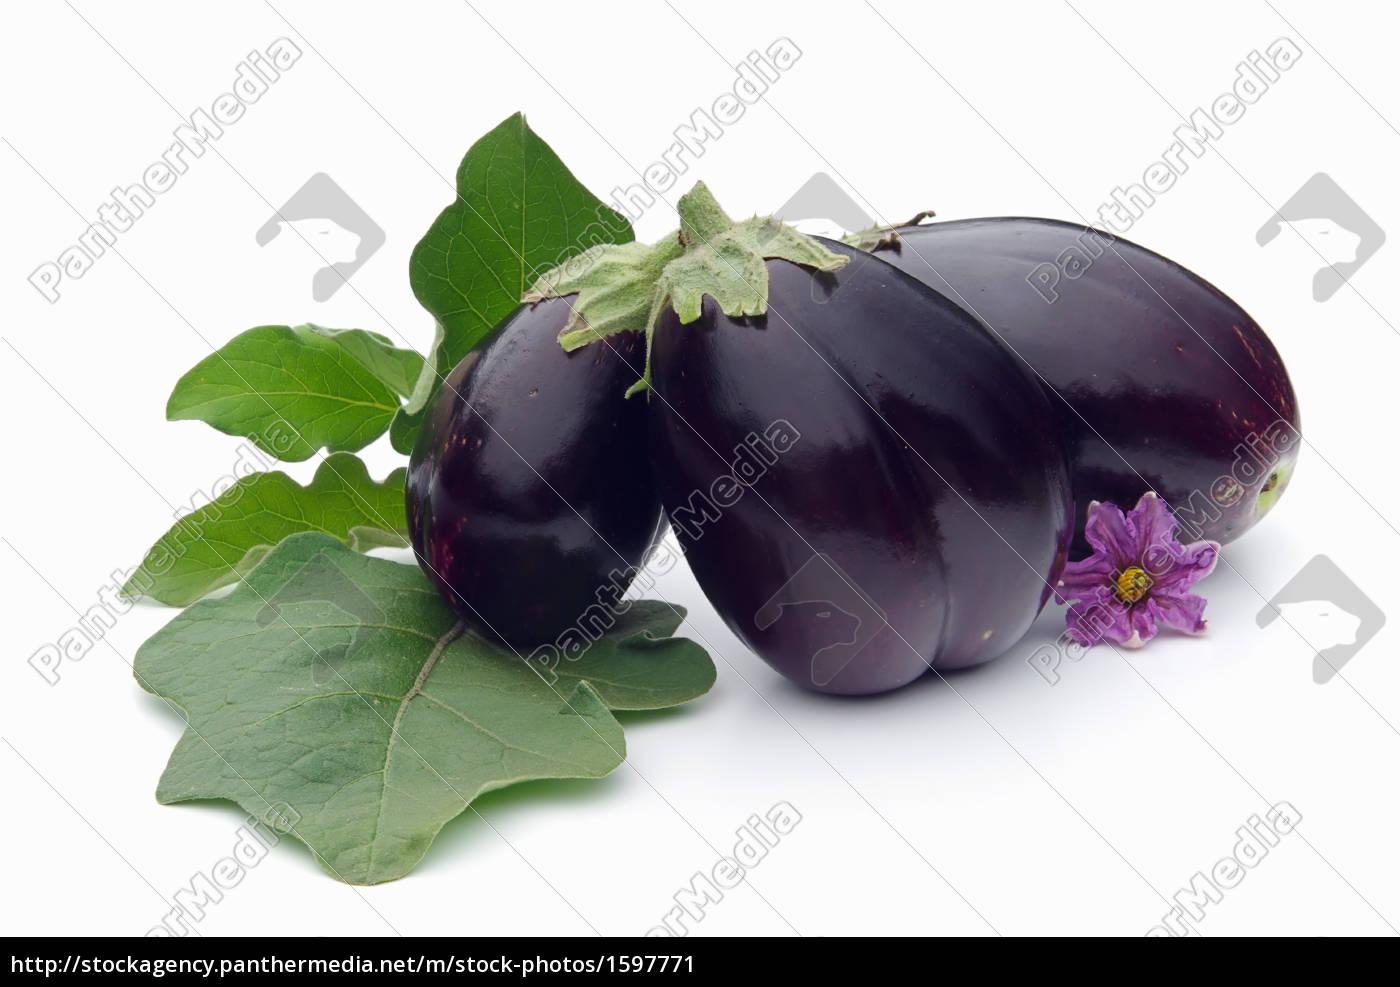 aubergine, 08 - 1597771